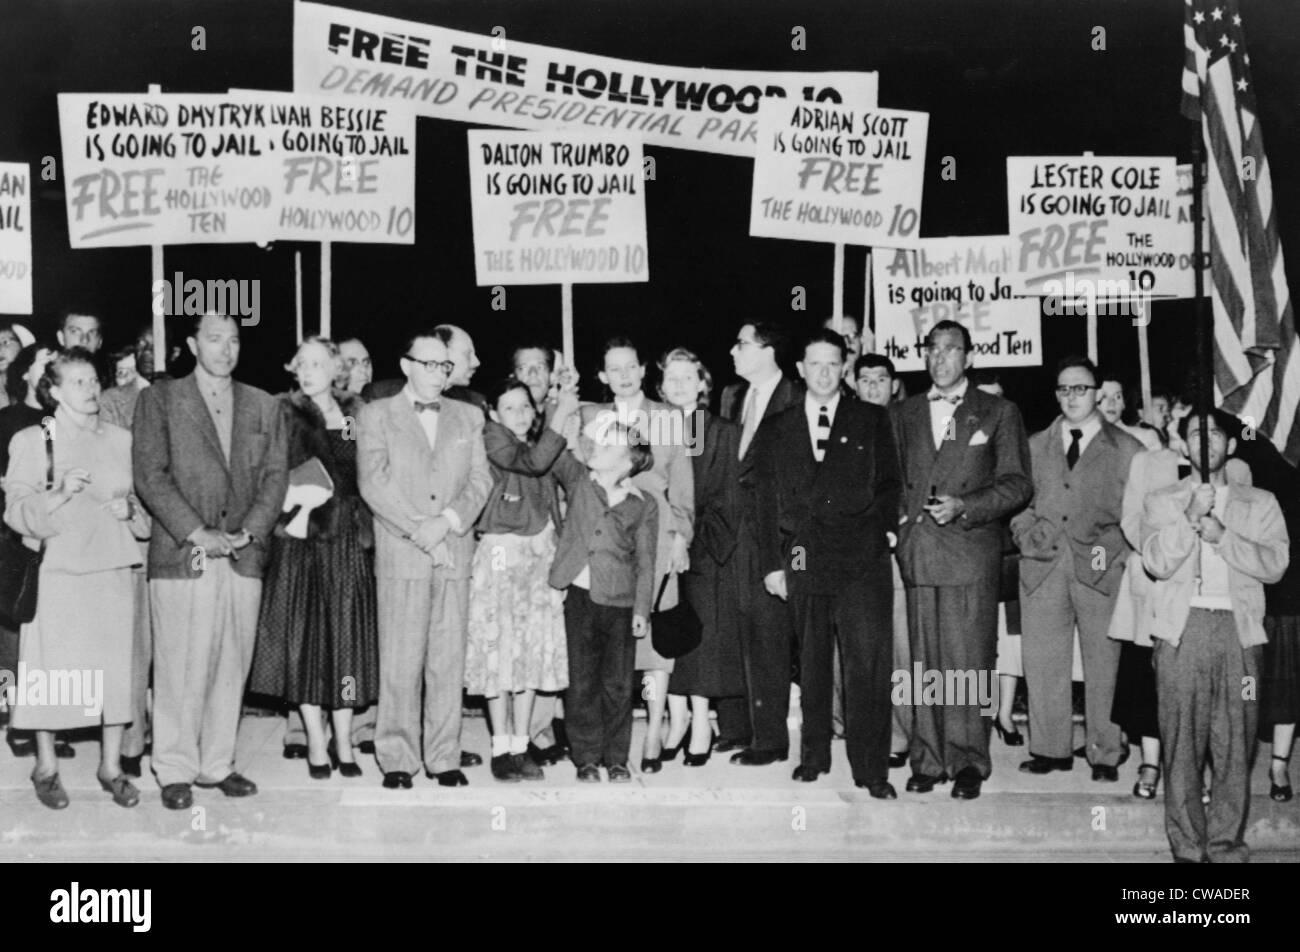 Dalton Trumbo (1905-1976) rodeado por simpatizantes con señales, como él espera a bordo de un avión en su camino Foto de stock